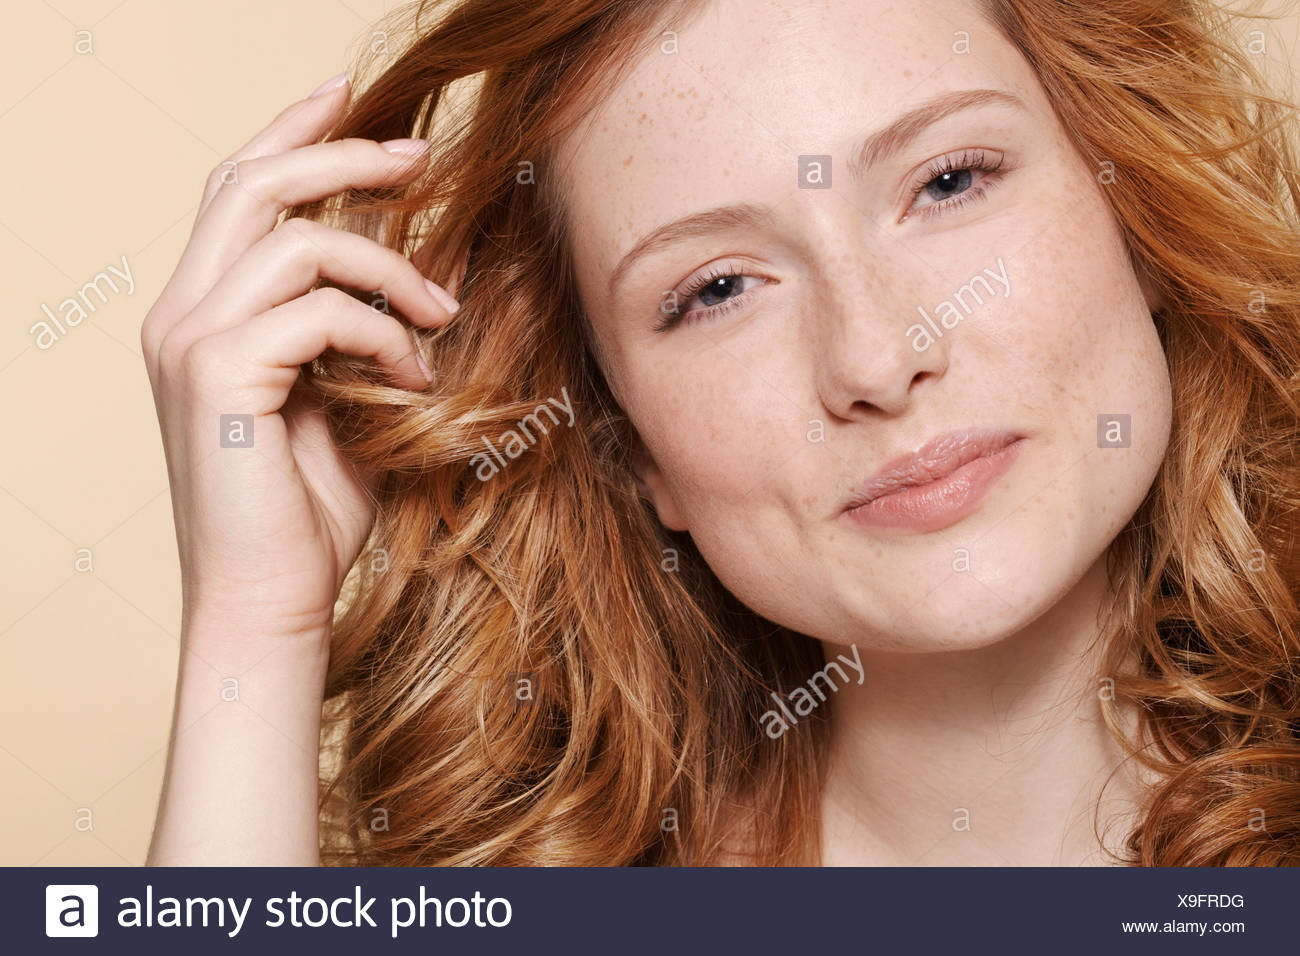 Studio shot della giovane donna con ricci capelli rossi, la mano tra i capelli Immagini Stock